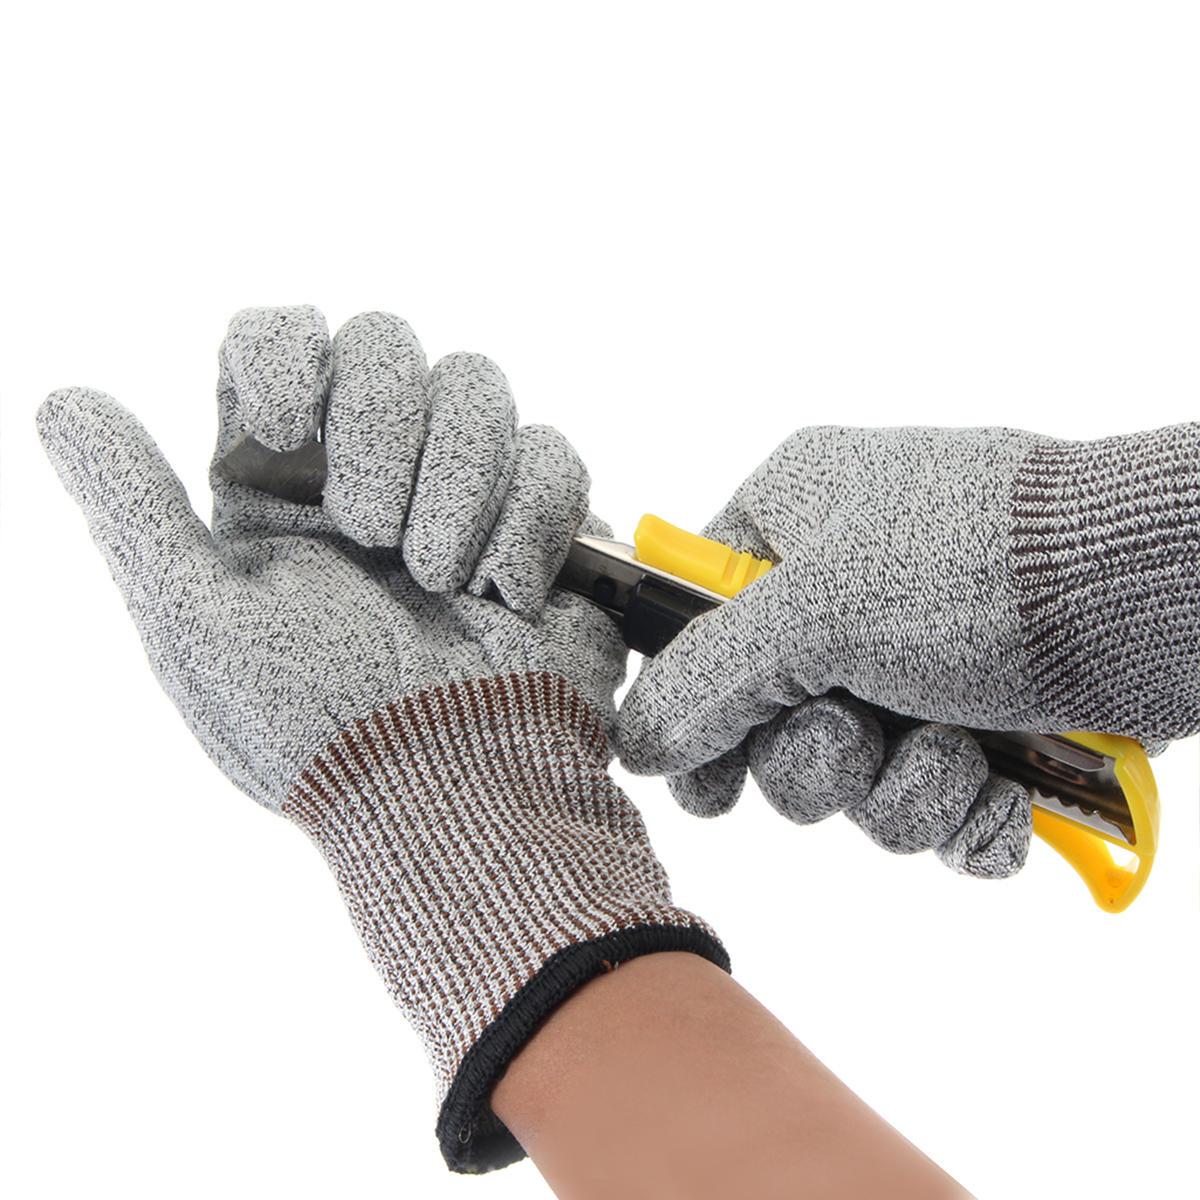 सुरक्षा कट सबूत स्टैब प्रतिरोधी स्टेनलेस स्टील धातु मेष काम कसाई दस्ताने